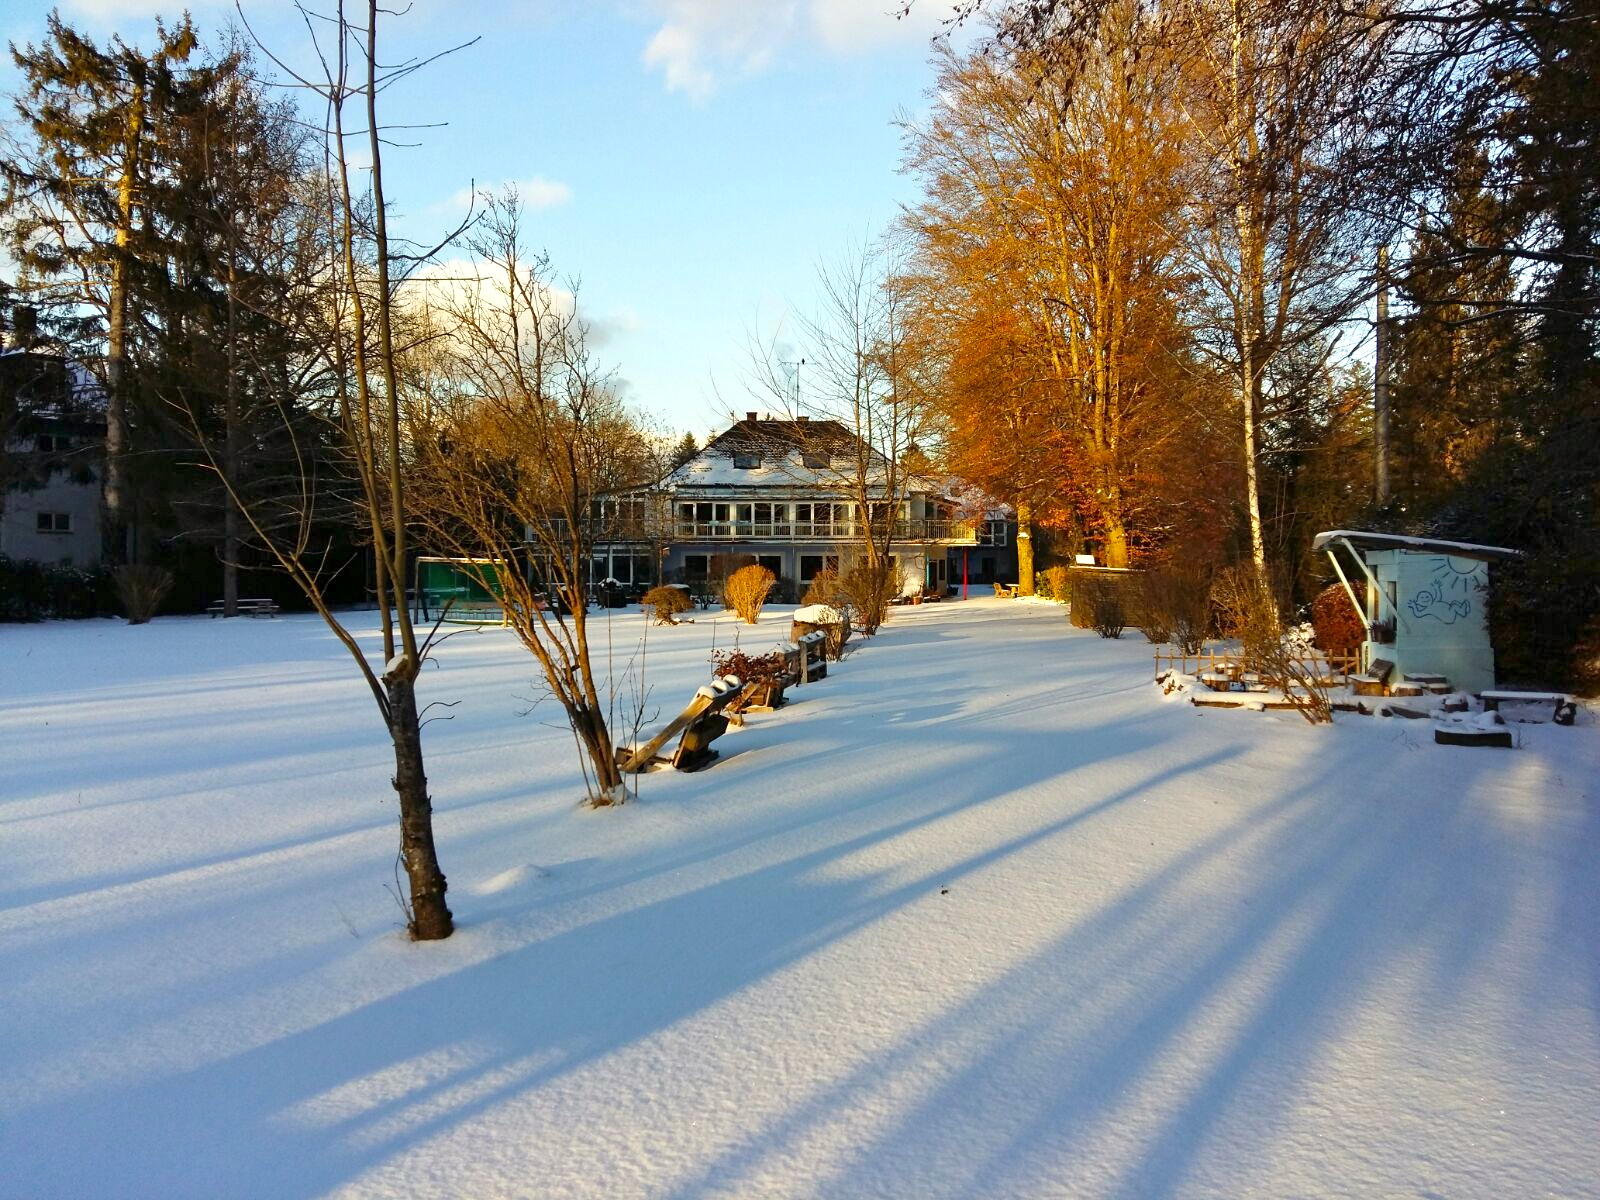 """Neues Jahr, neuer Start! Und wir starten durch ins Jahr 2017 mit einer tollen Schneedecke.  """"Der Winter ist gekommen und hat hinweg genommen der Erde grünes Kleid...""""   Robert Reinick"""